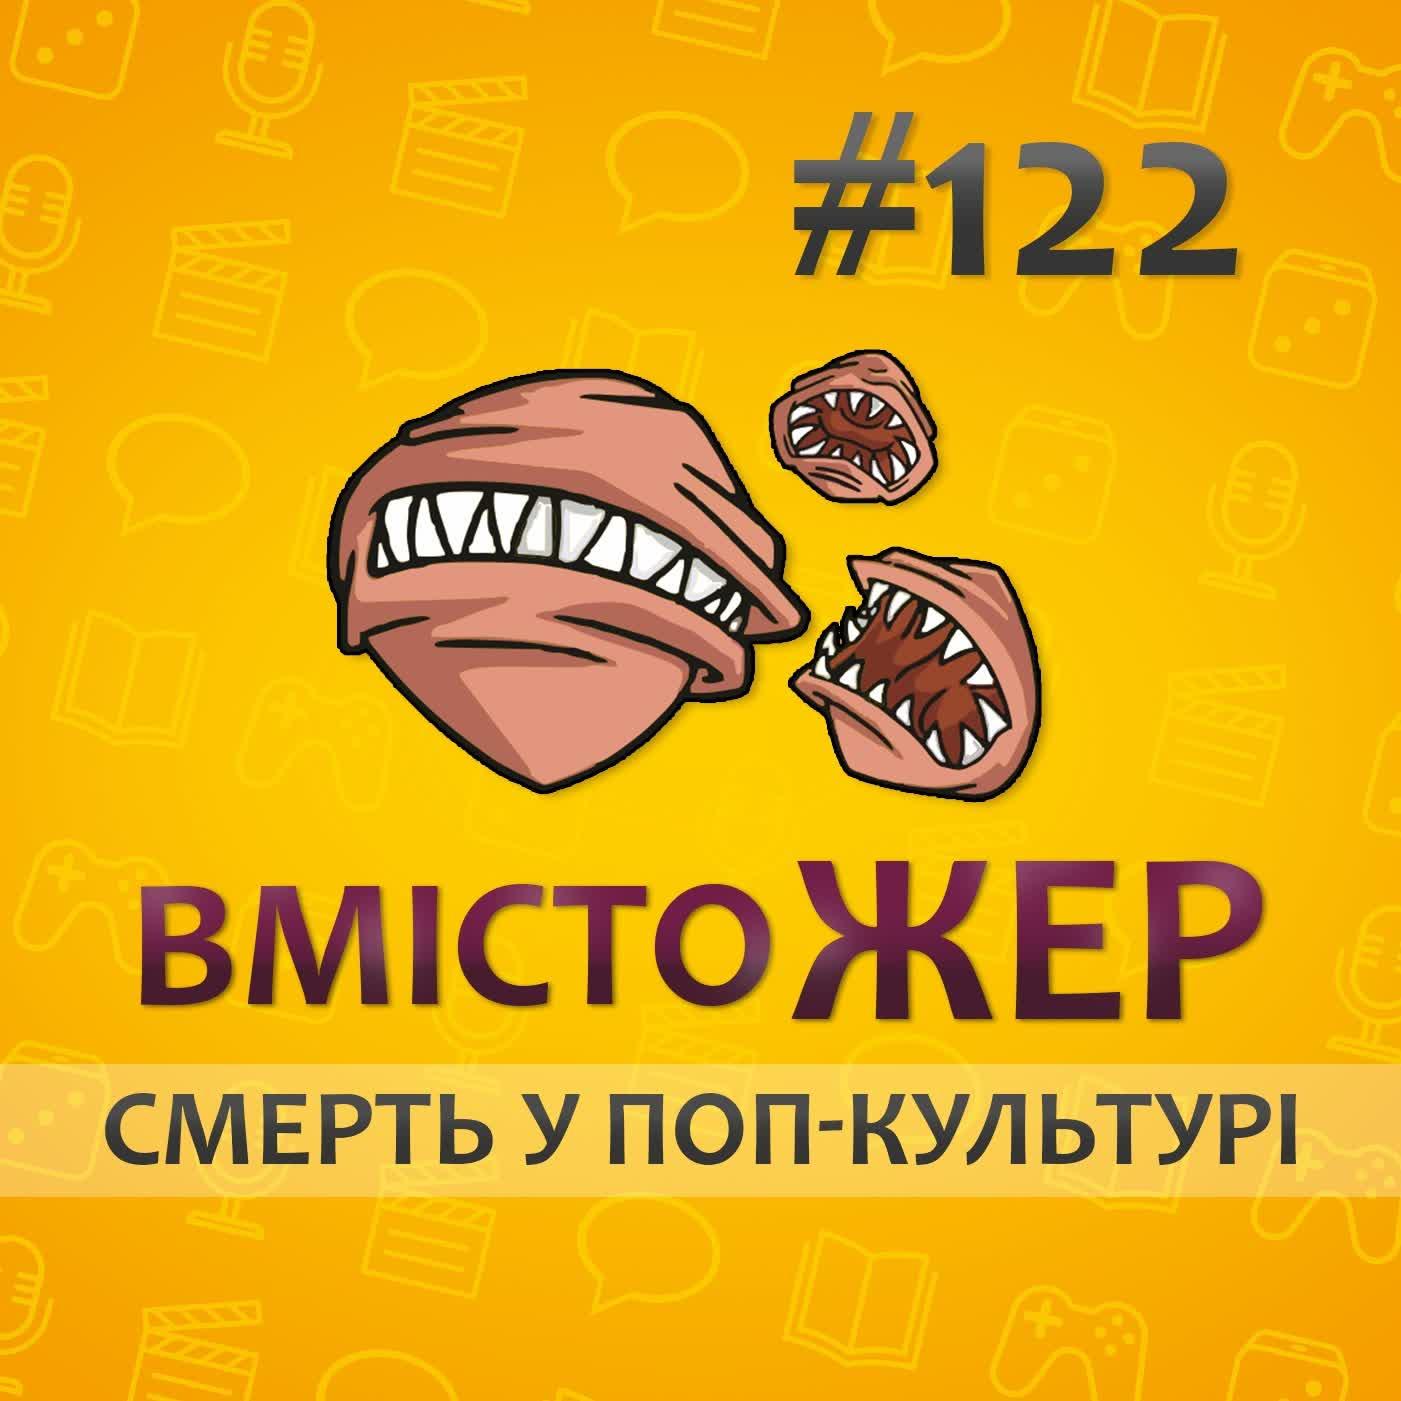 Вмістожер 122 — СМЕРТЬ У ПОП-КУЛЬТУРІ